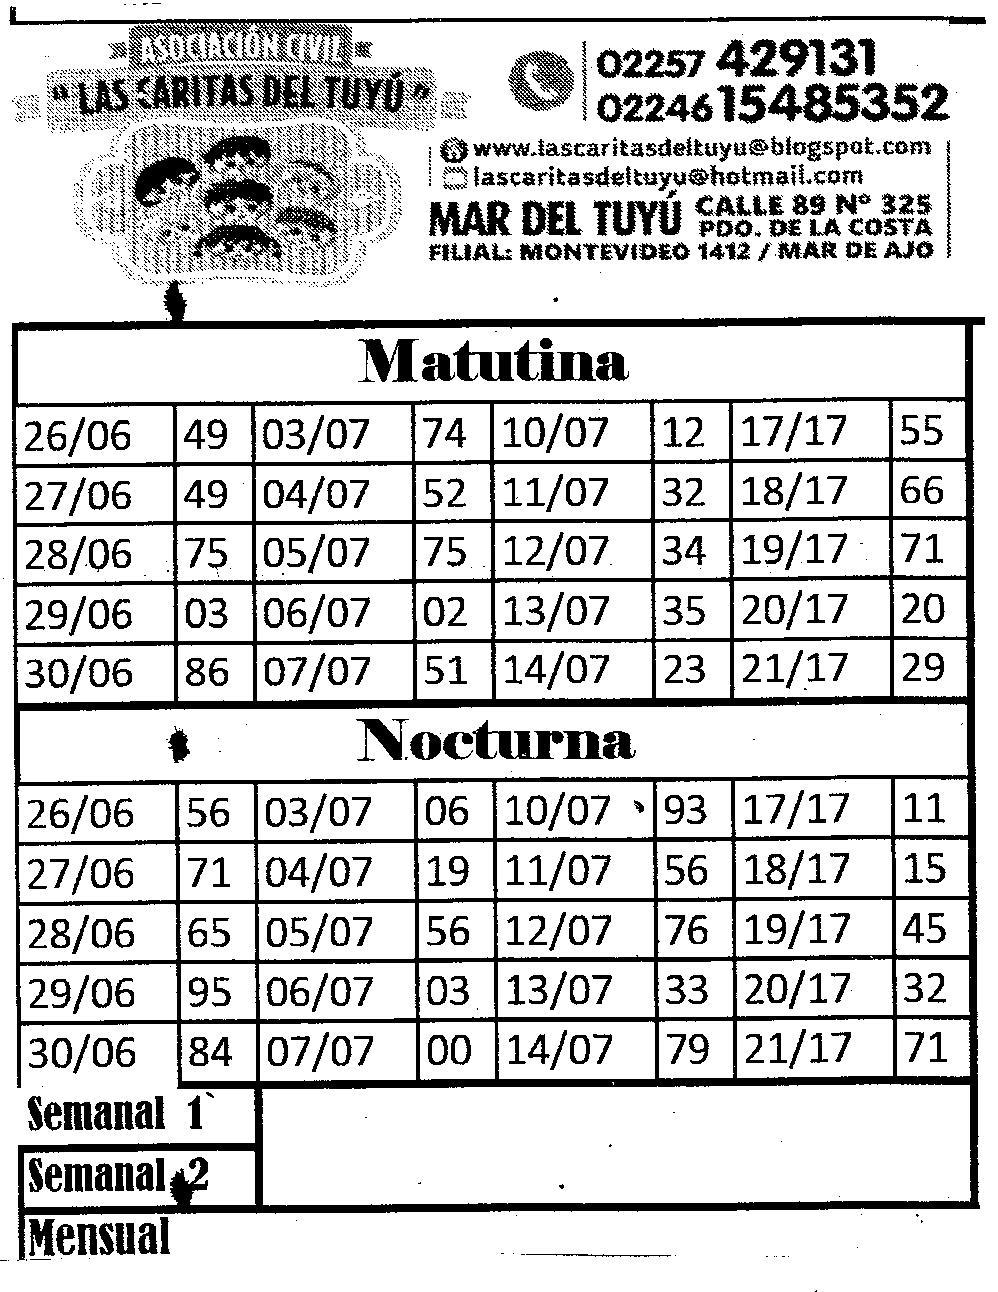 RESULTADOS DE LOTERIA DEL MES DE JULIO